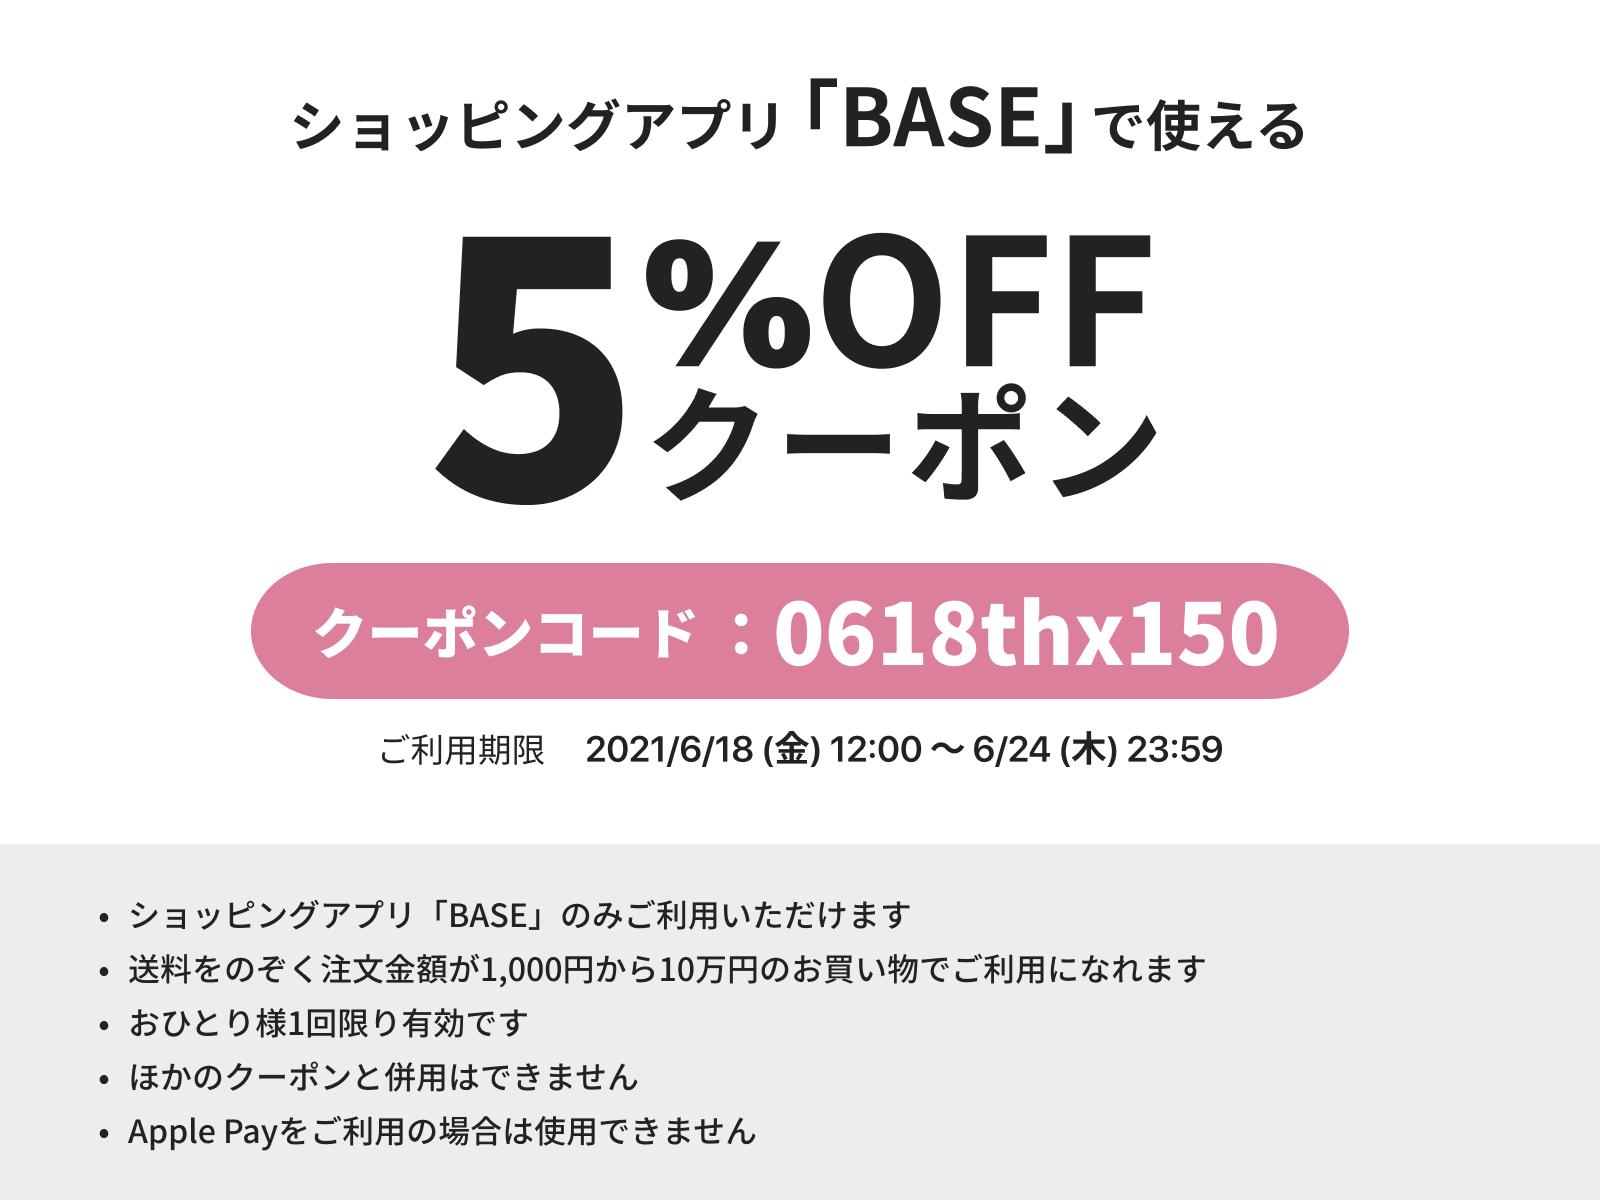 ★★ 全品5%OFFショッピングクーポン ★★